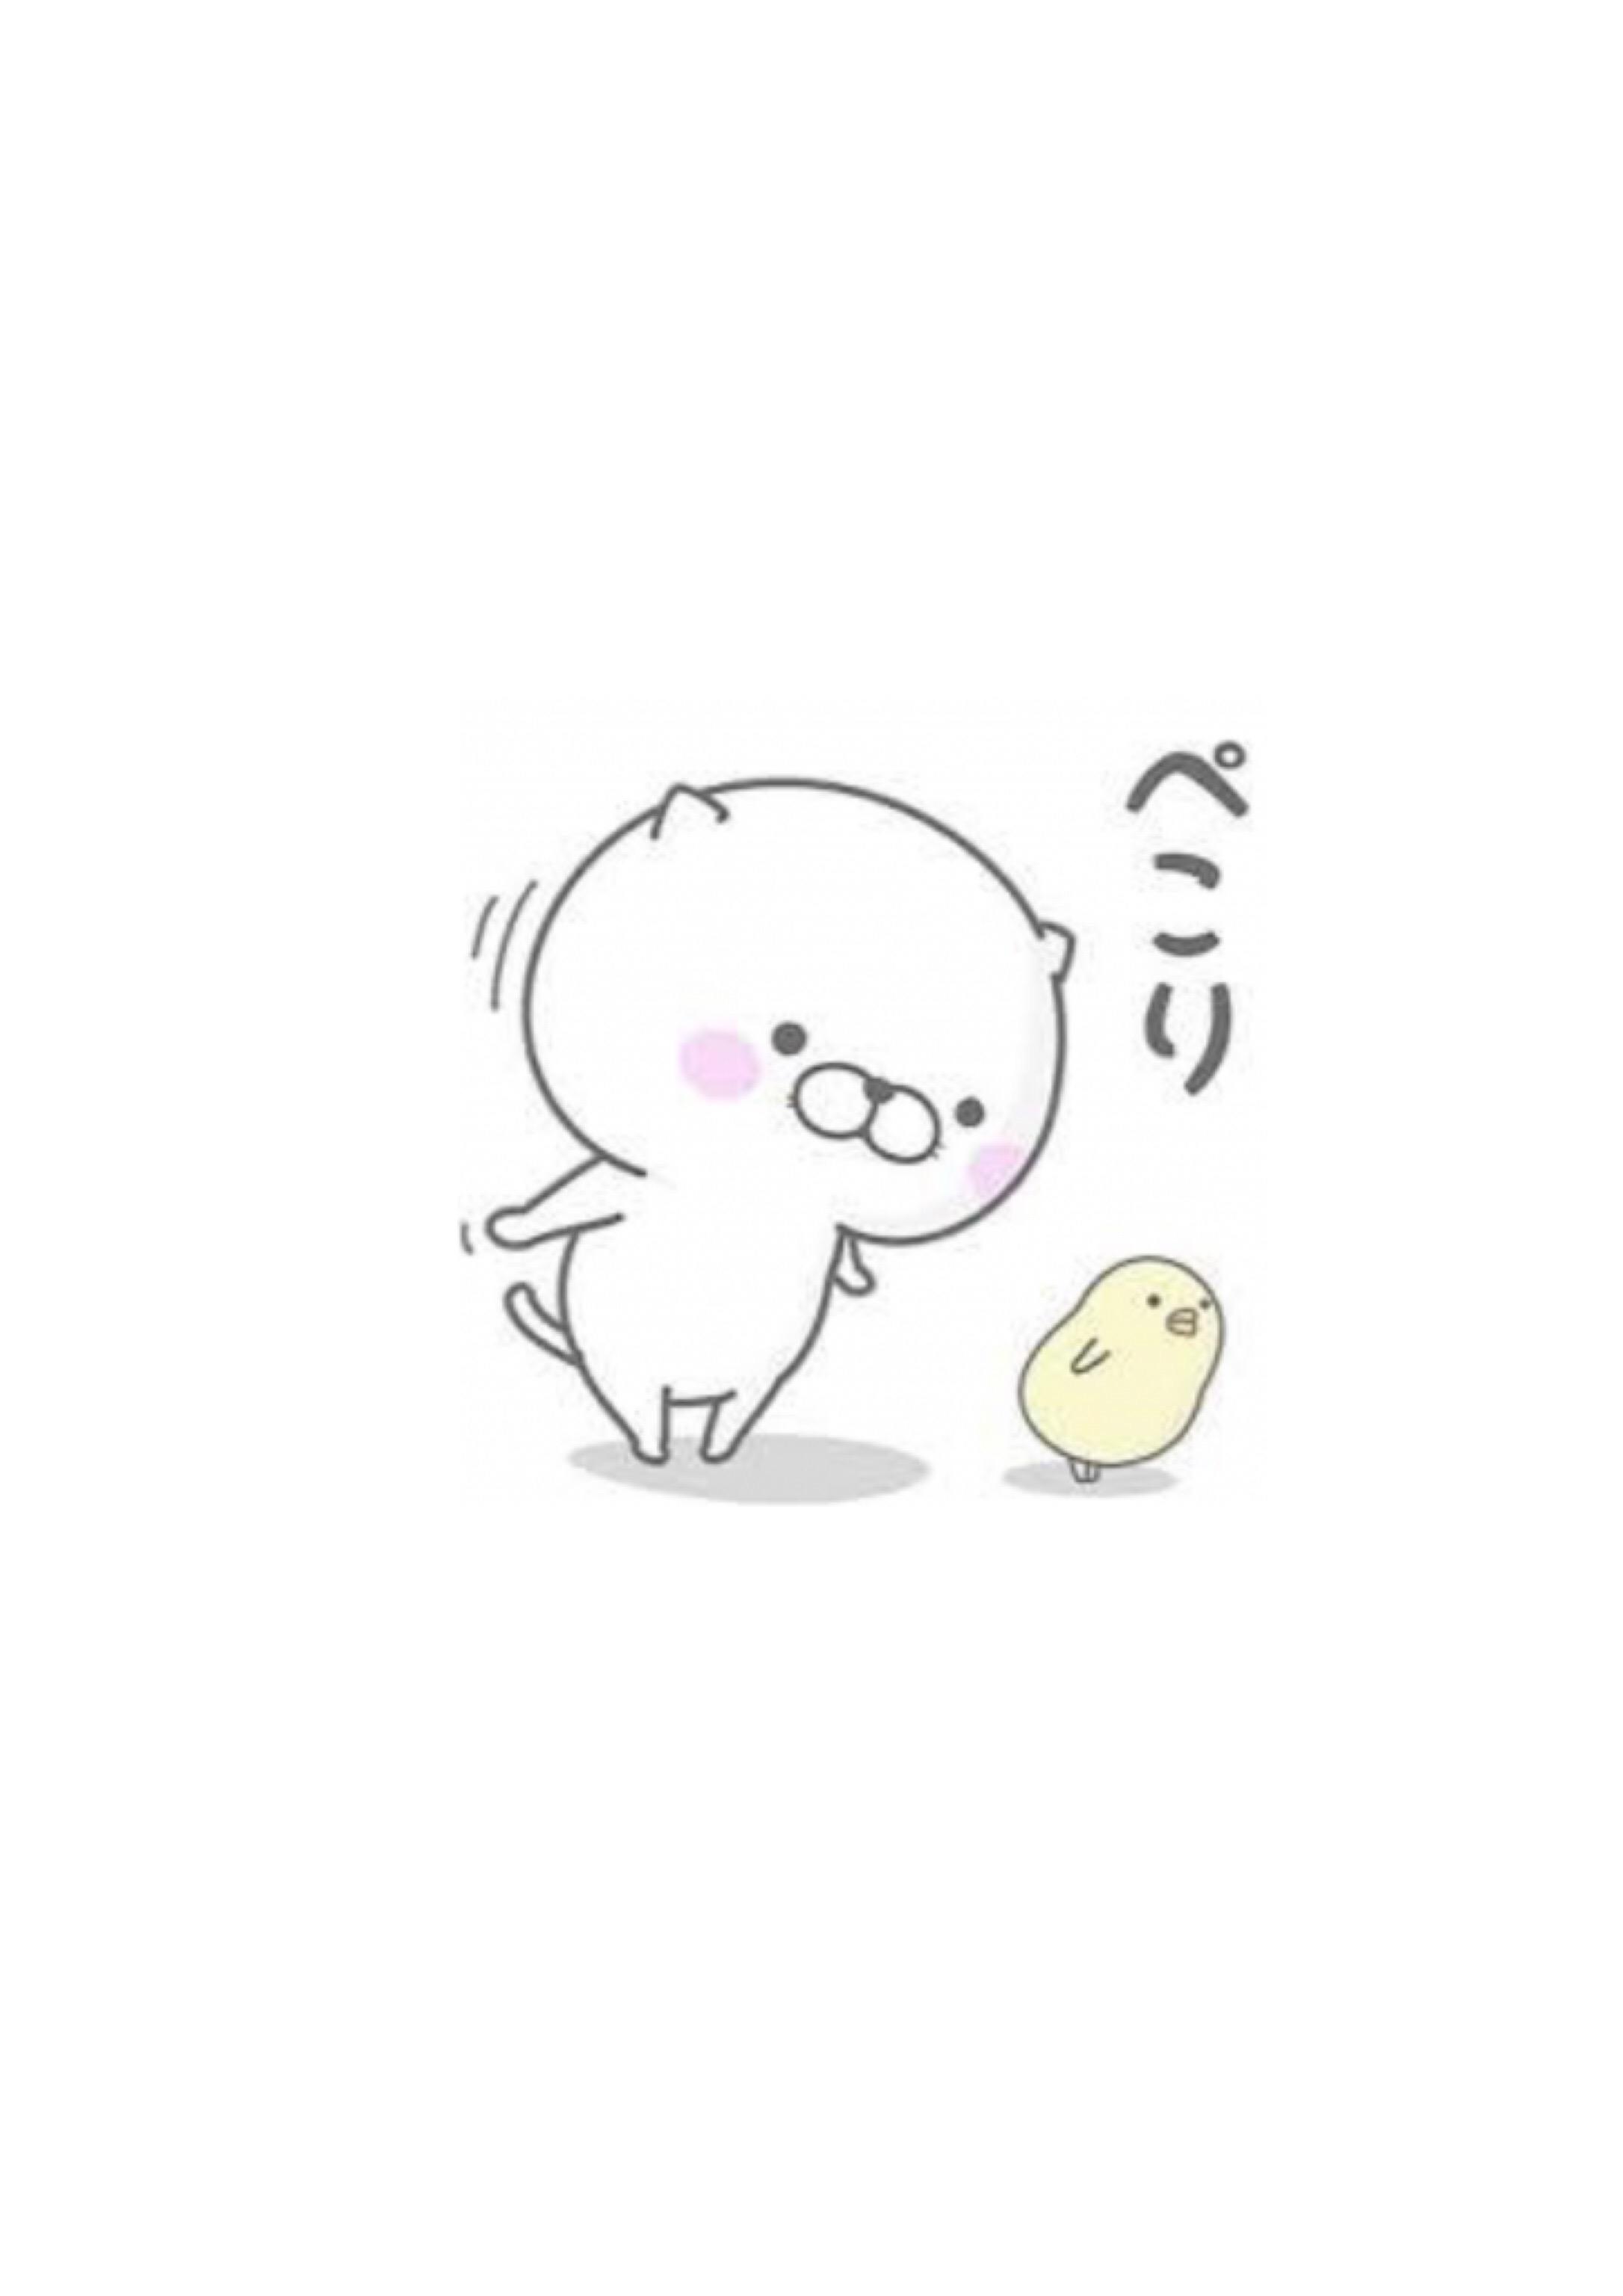 「もう夜ー!」12/06(木) 17:28 | 石川かおりの写メ・風俗動画